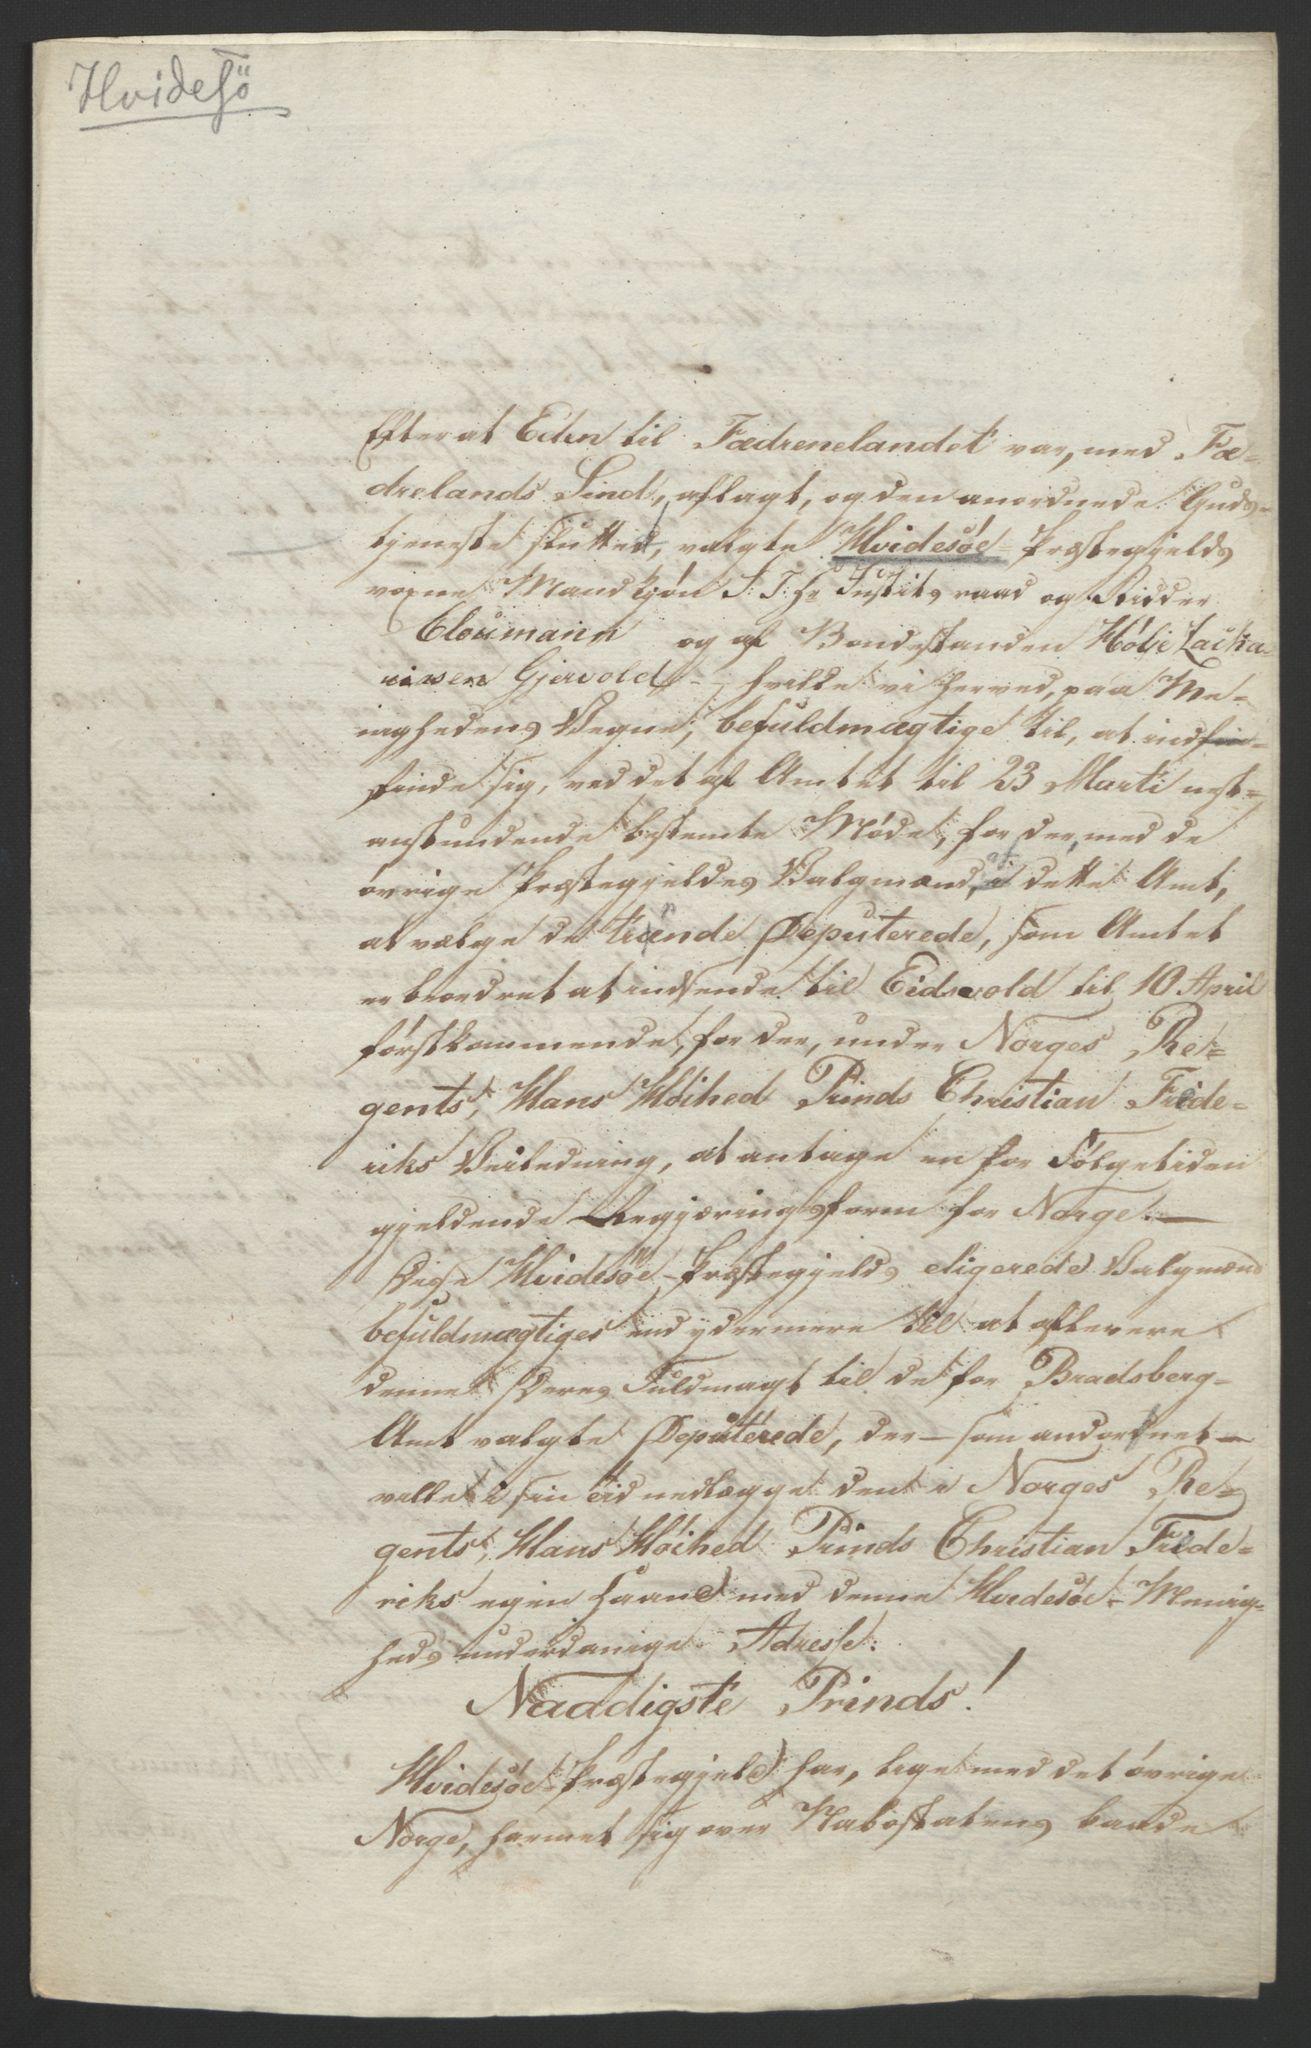 RA, Statsrådssekretariatet, D/Db/L0008: Fullmakter for Eidsvollsrepresentantene i 1814. , 1814, s. 55